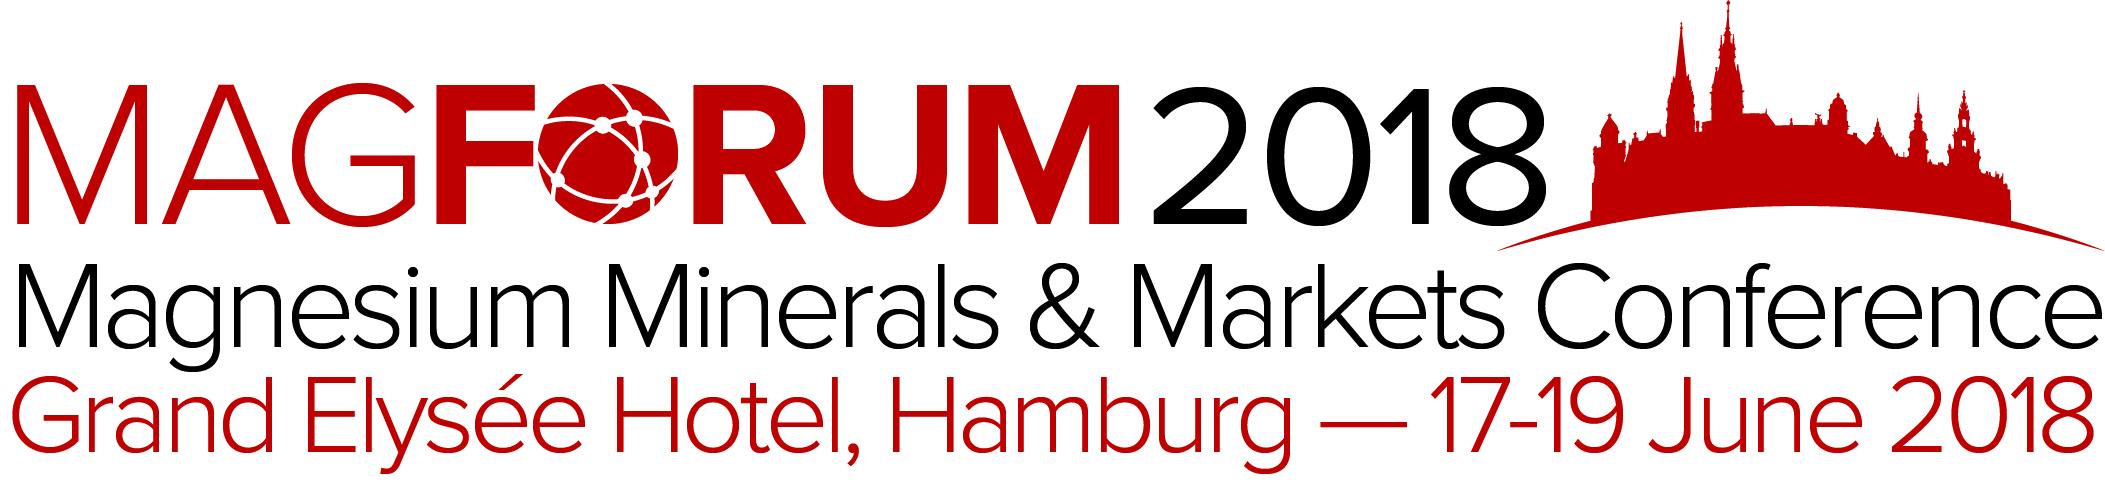 MagForum2018 logo